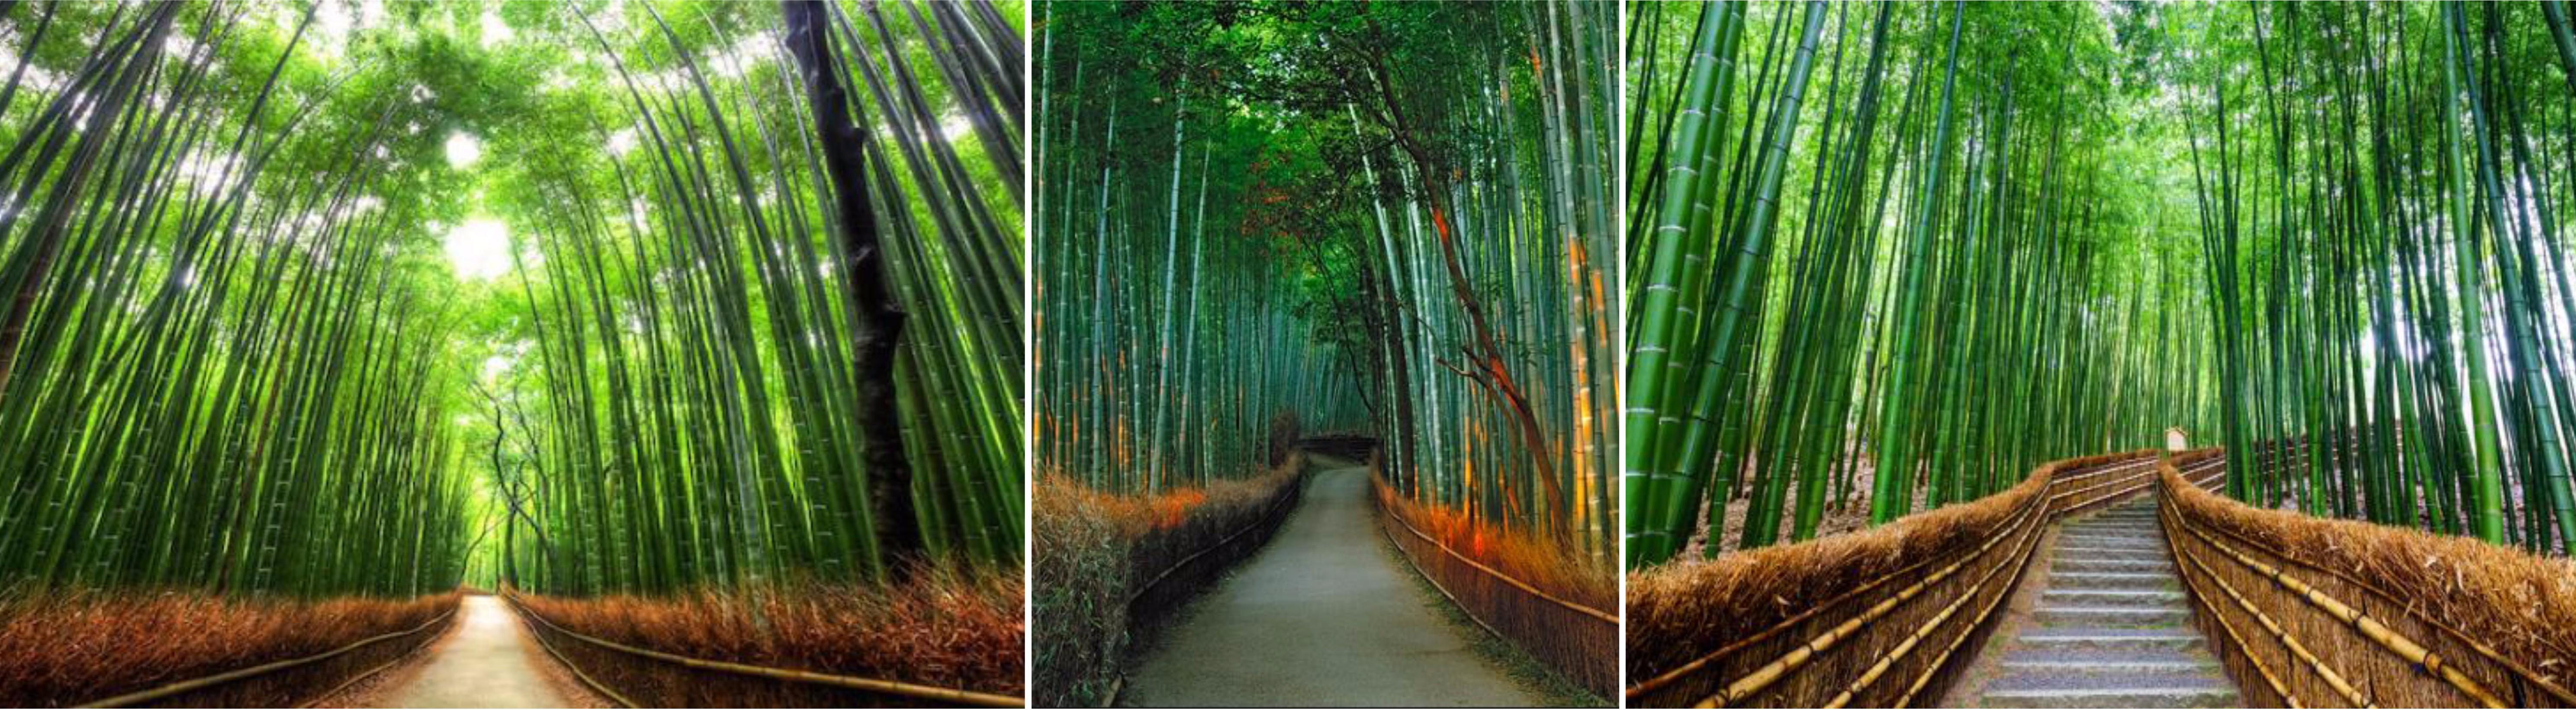 โอซาก้า – คาเมโอกะ – นั่งรถไฟสายโรแมนติก – เขาอาราชิยามะ – สะพานโทเกะซึเคียว – วัดเทนริวจิ – ป่าไผ่ – โอซาก้า - 2